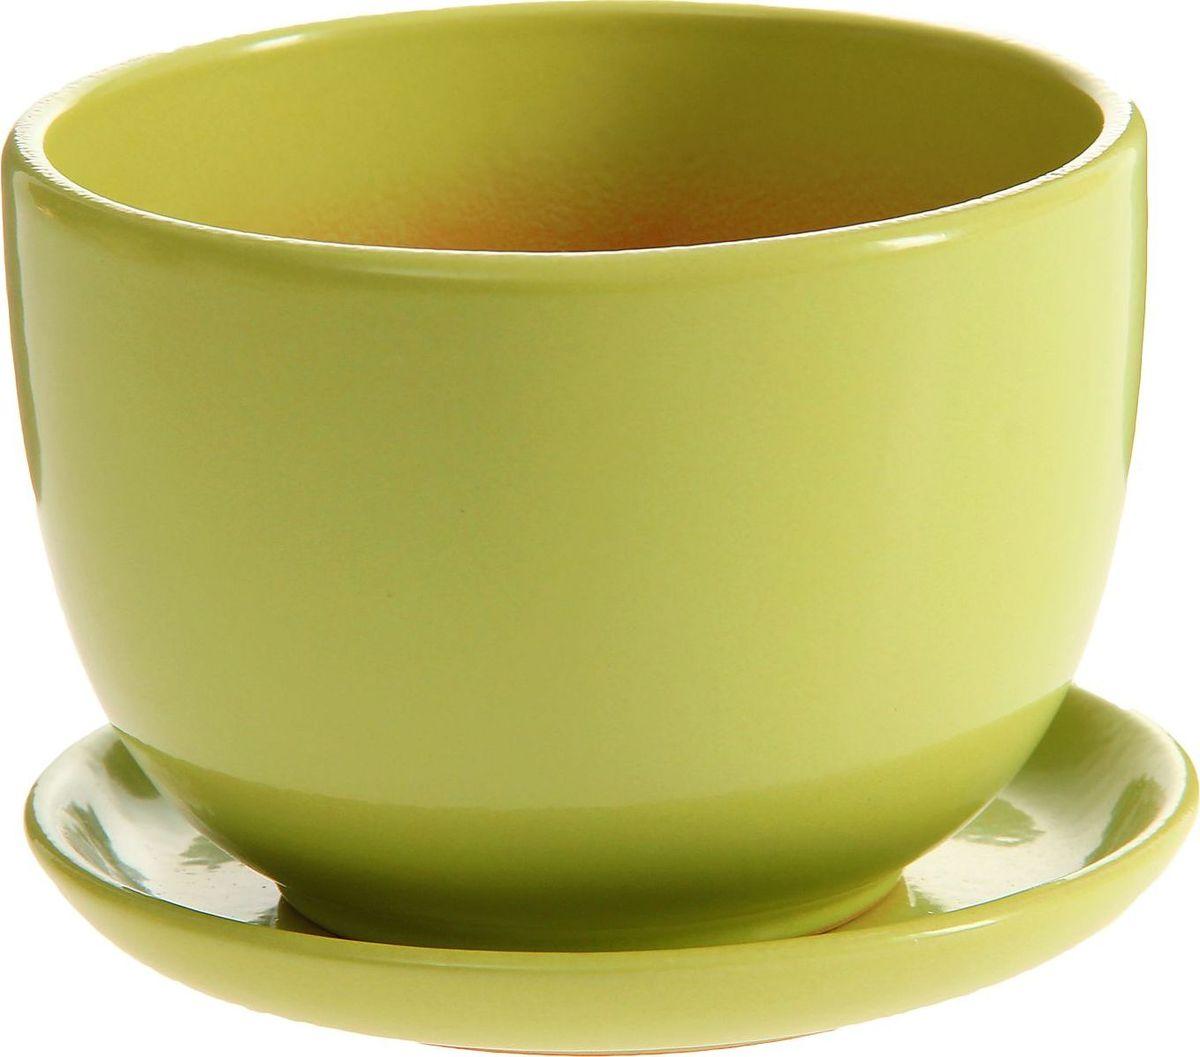 Кашпо Чаша, цвет: салатовый, 0,5 л1157275Комнатные растения — всеобщие любимцы. Они радуют глаз, насыщают помещение кислородом и украшают пространство. Каждому из них необходим свой удобный и красивый дом. Кашпо из керамики прекрасно подходят для высадки растений: за счёт пластичности глины и разных способов обработки существует великое множество форм и дизайновпористый материал позволяет испаряться лишней влагевоздух, необходимый для дыхания корней, проникает сквозь керамические стенки! #name# позаботится о зелёном питомце, освежит интерьер и подчеркнёт его стиль.